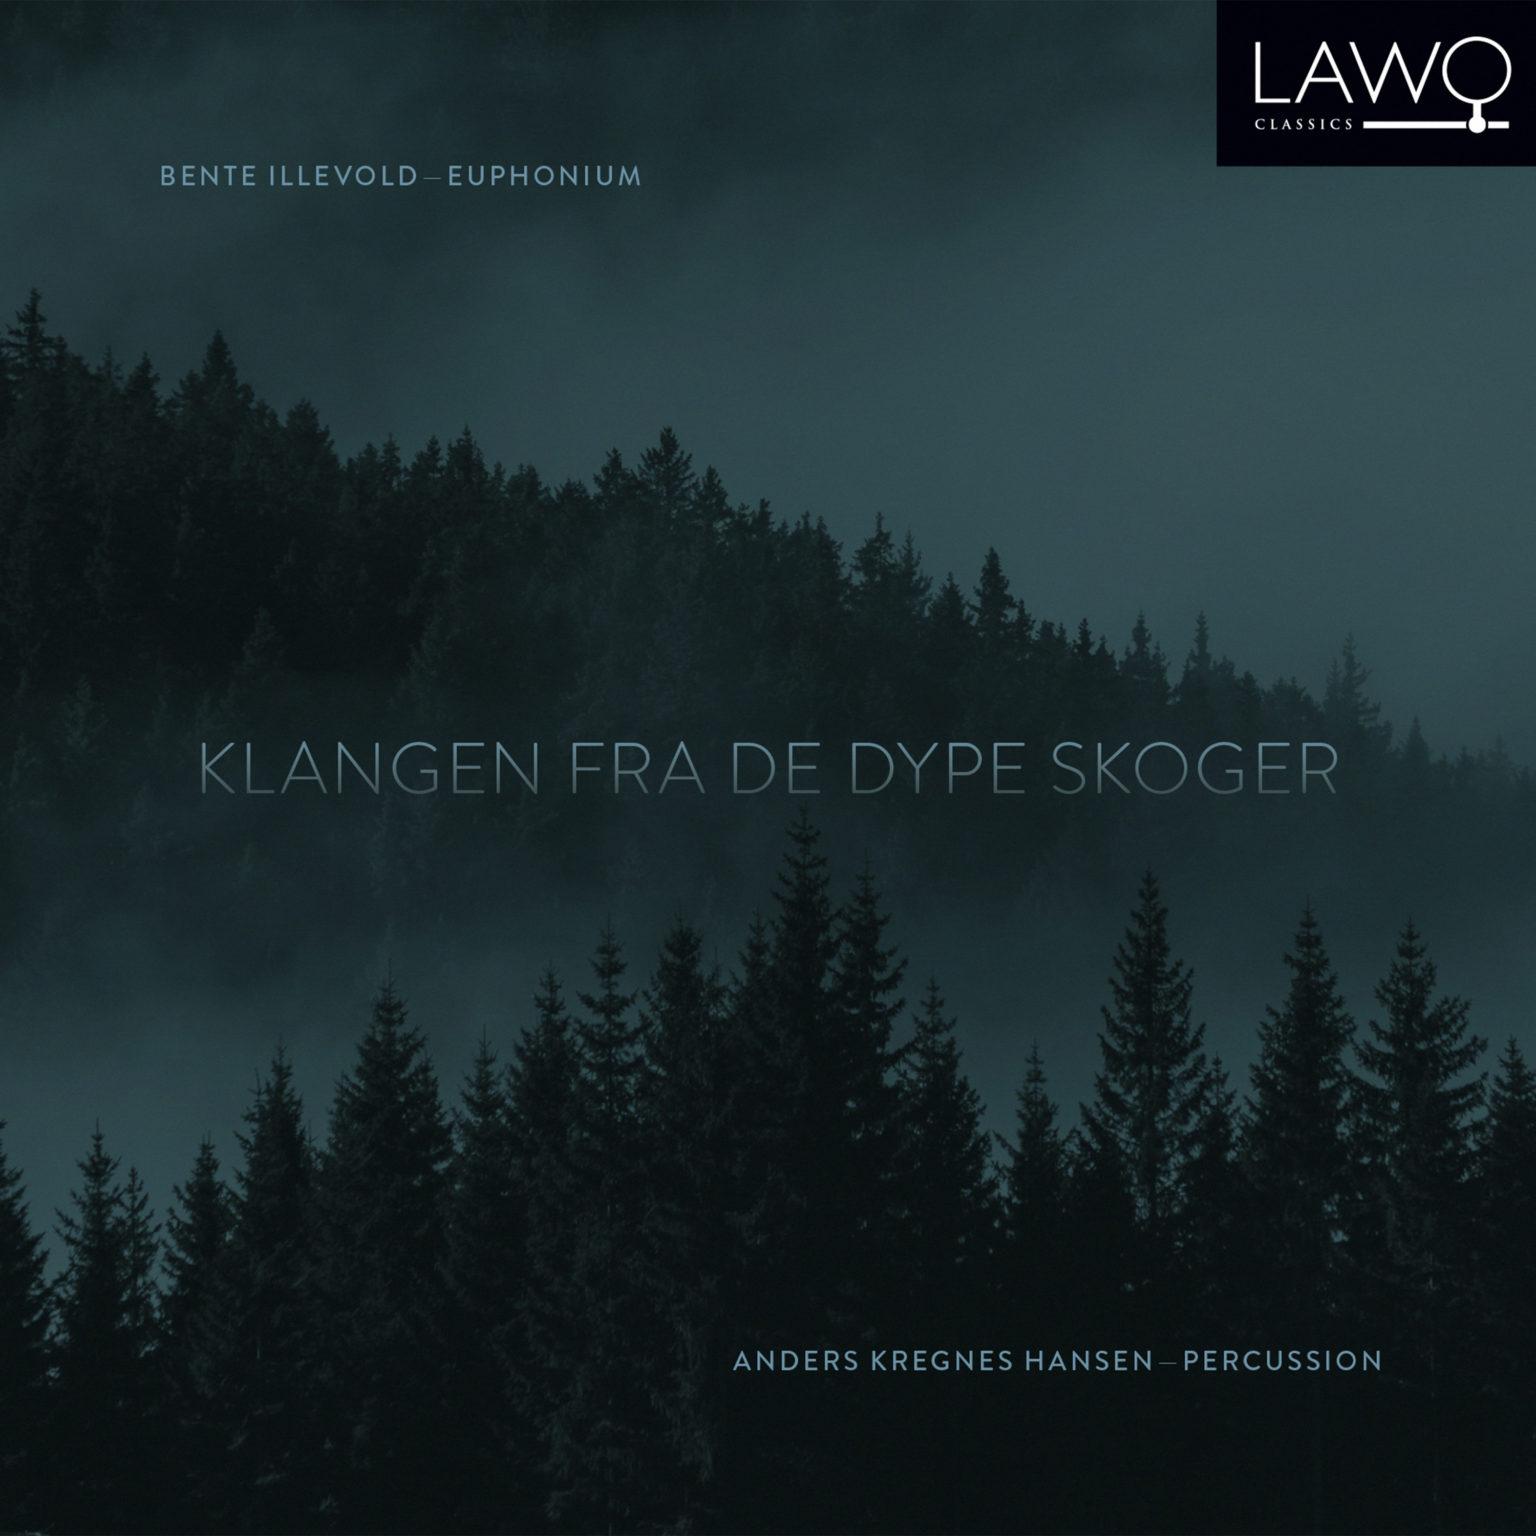 Click image for larger version.  Name:LWC1195_Bente_Illevold_Klangen_fra_de_dype_skoger_cover_3000x3000px-1536x1536.jpg Views:198 Size:174.8 KB ID:7720